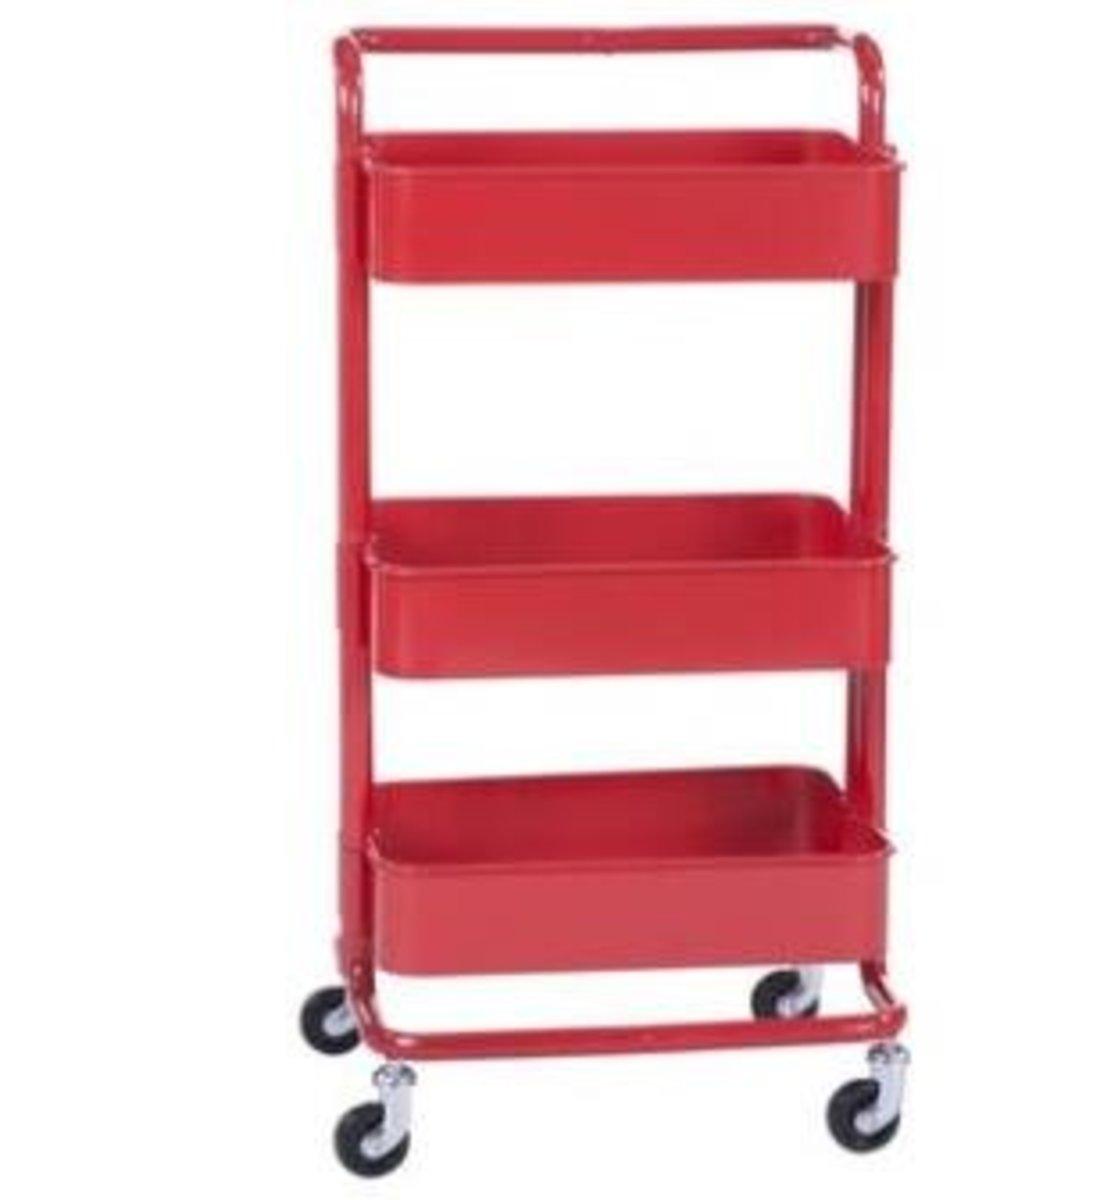 拉斯克廚房小推車餐車置物架收納架(紅色帶把手)